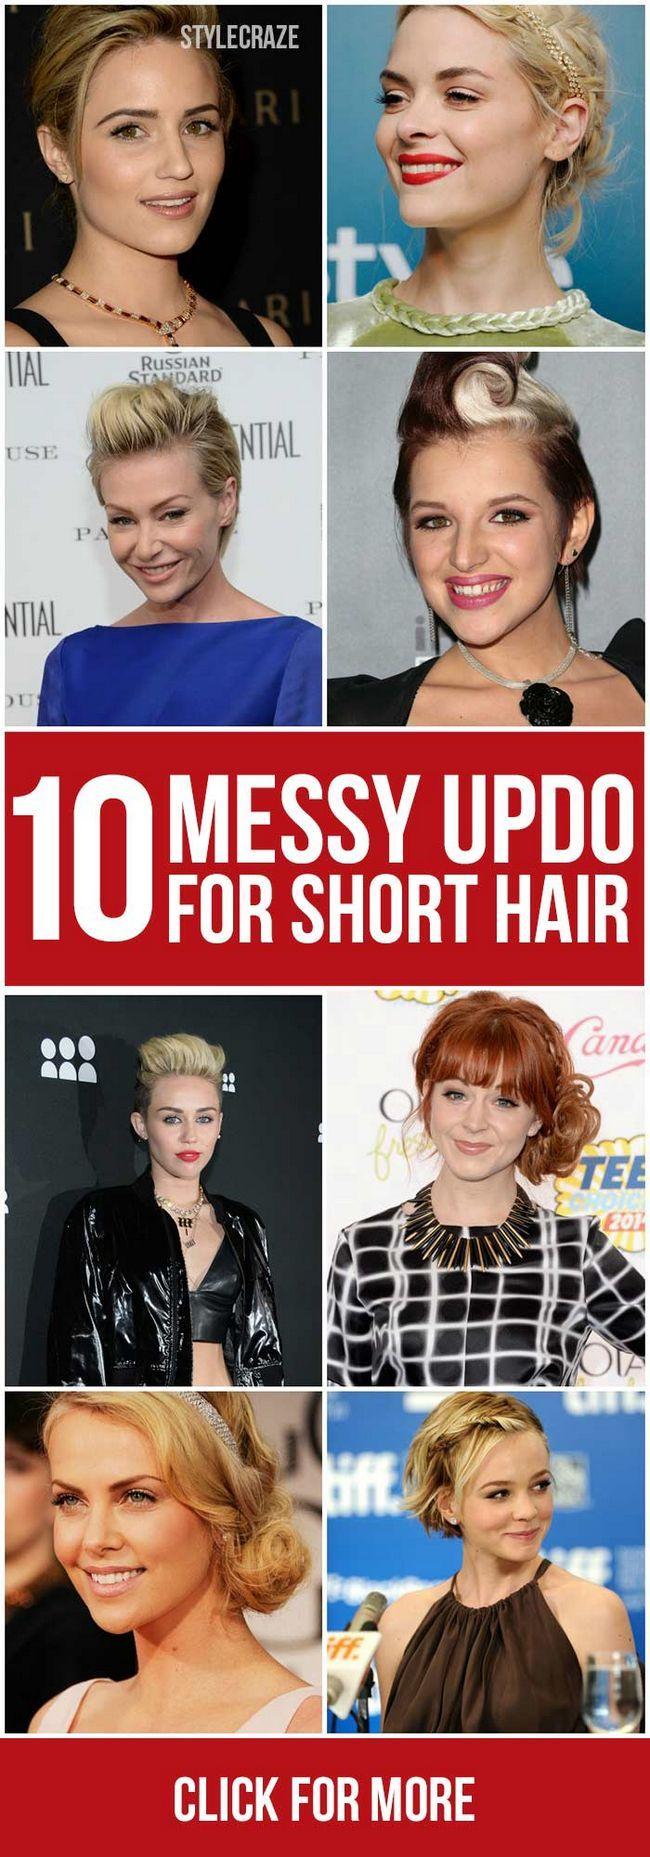 10 Messy updos für kurzes Haar